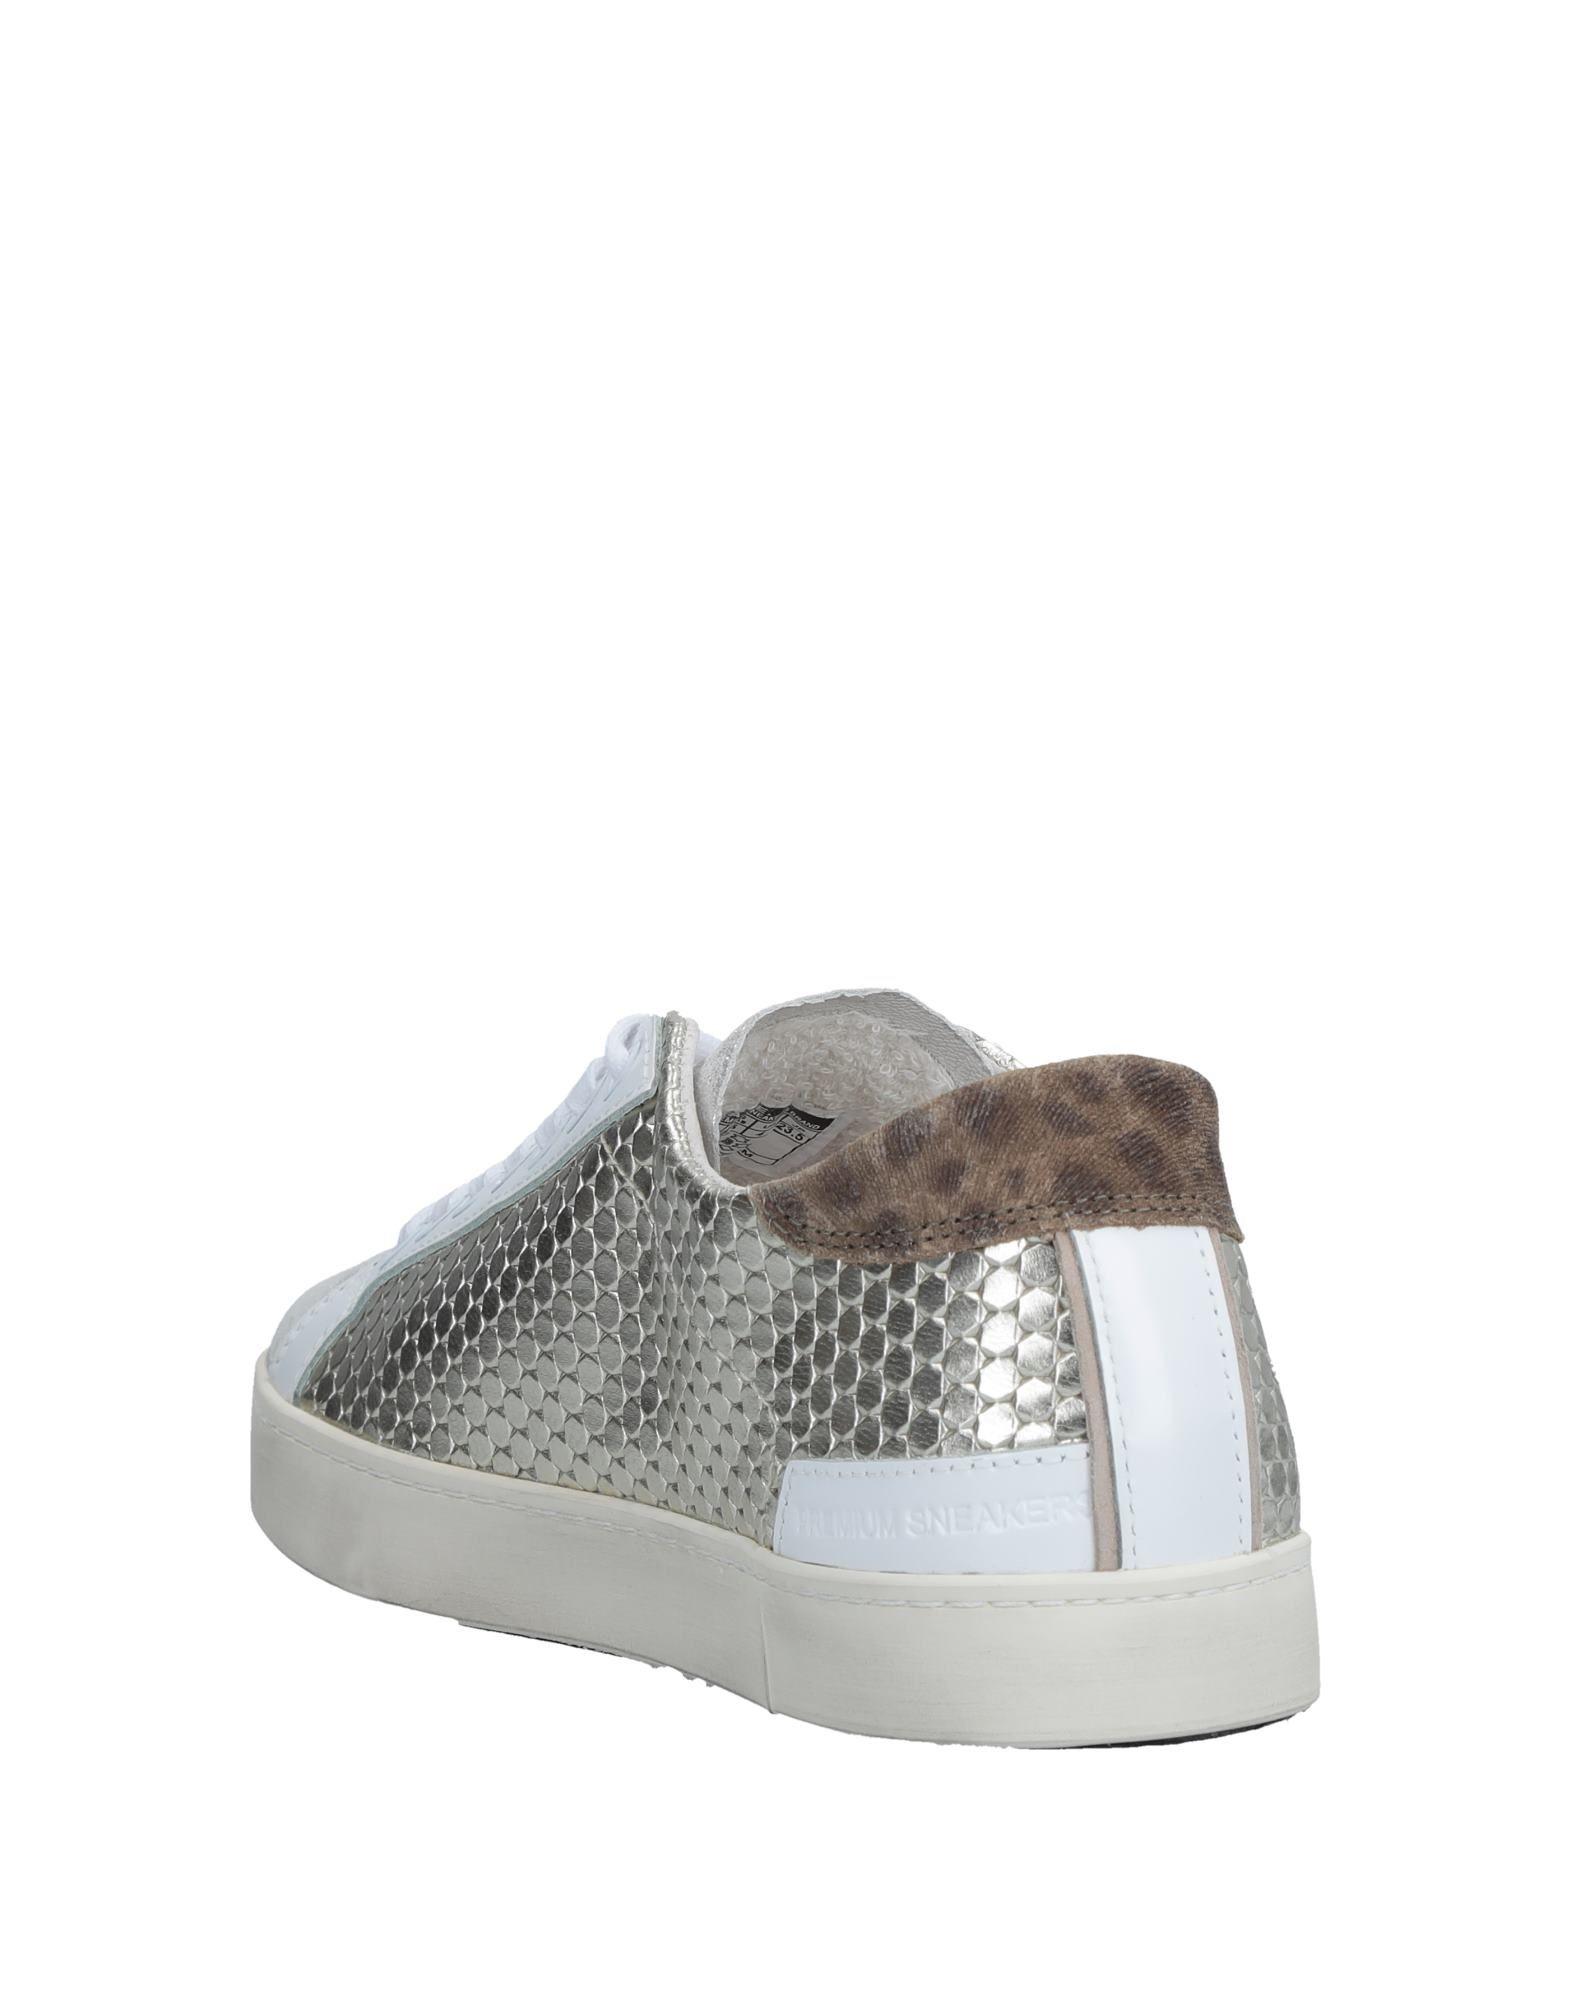 D.A.T.E. Sneakers Qualität Damen  11534537RJ Gute Qualität Sneakers beliebte Schuhe 33491e